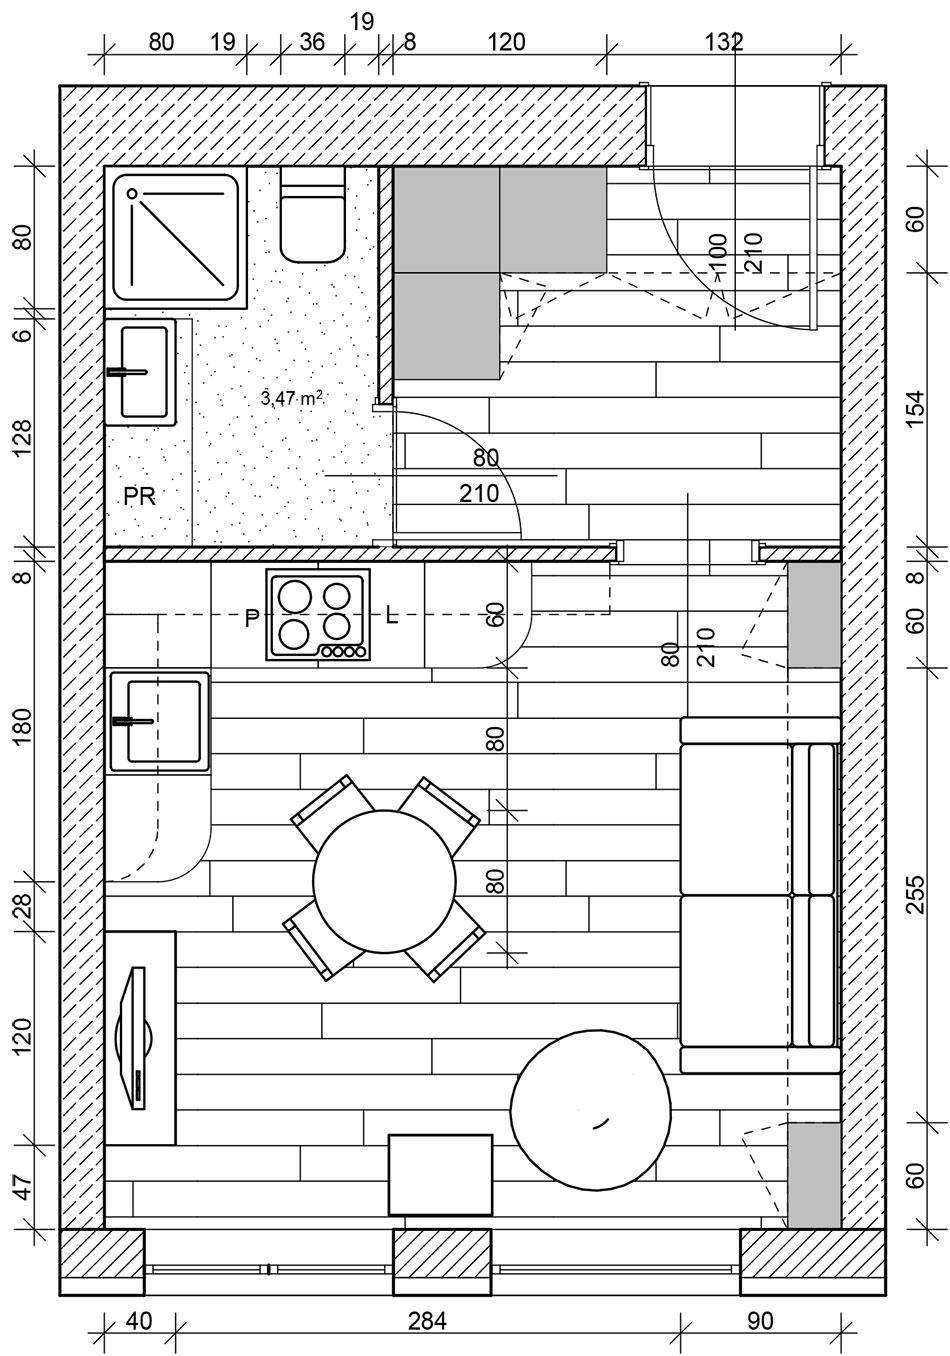 Plan apartamentu wstylu lat 70.